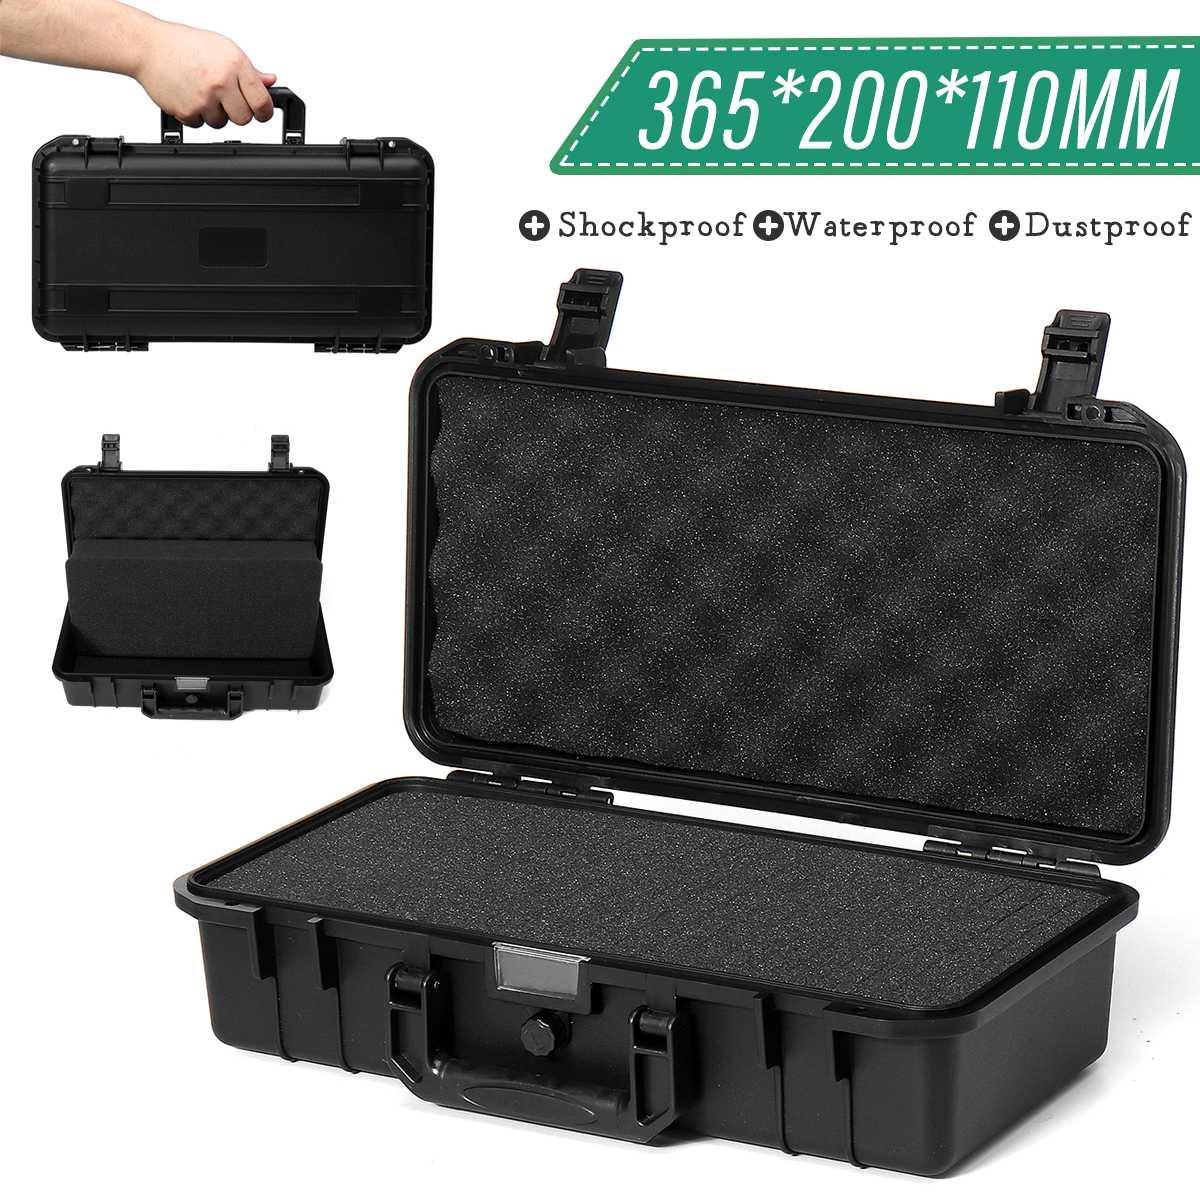 Защитный Безопасный инструмент, ящик для инструментов, водонепроницаемый ударопрочный ящик для инструментов, герметичный чехол для инстру...